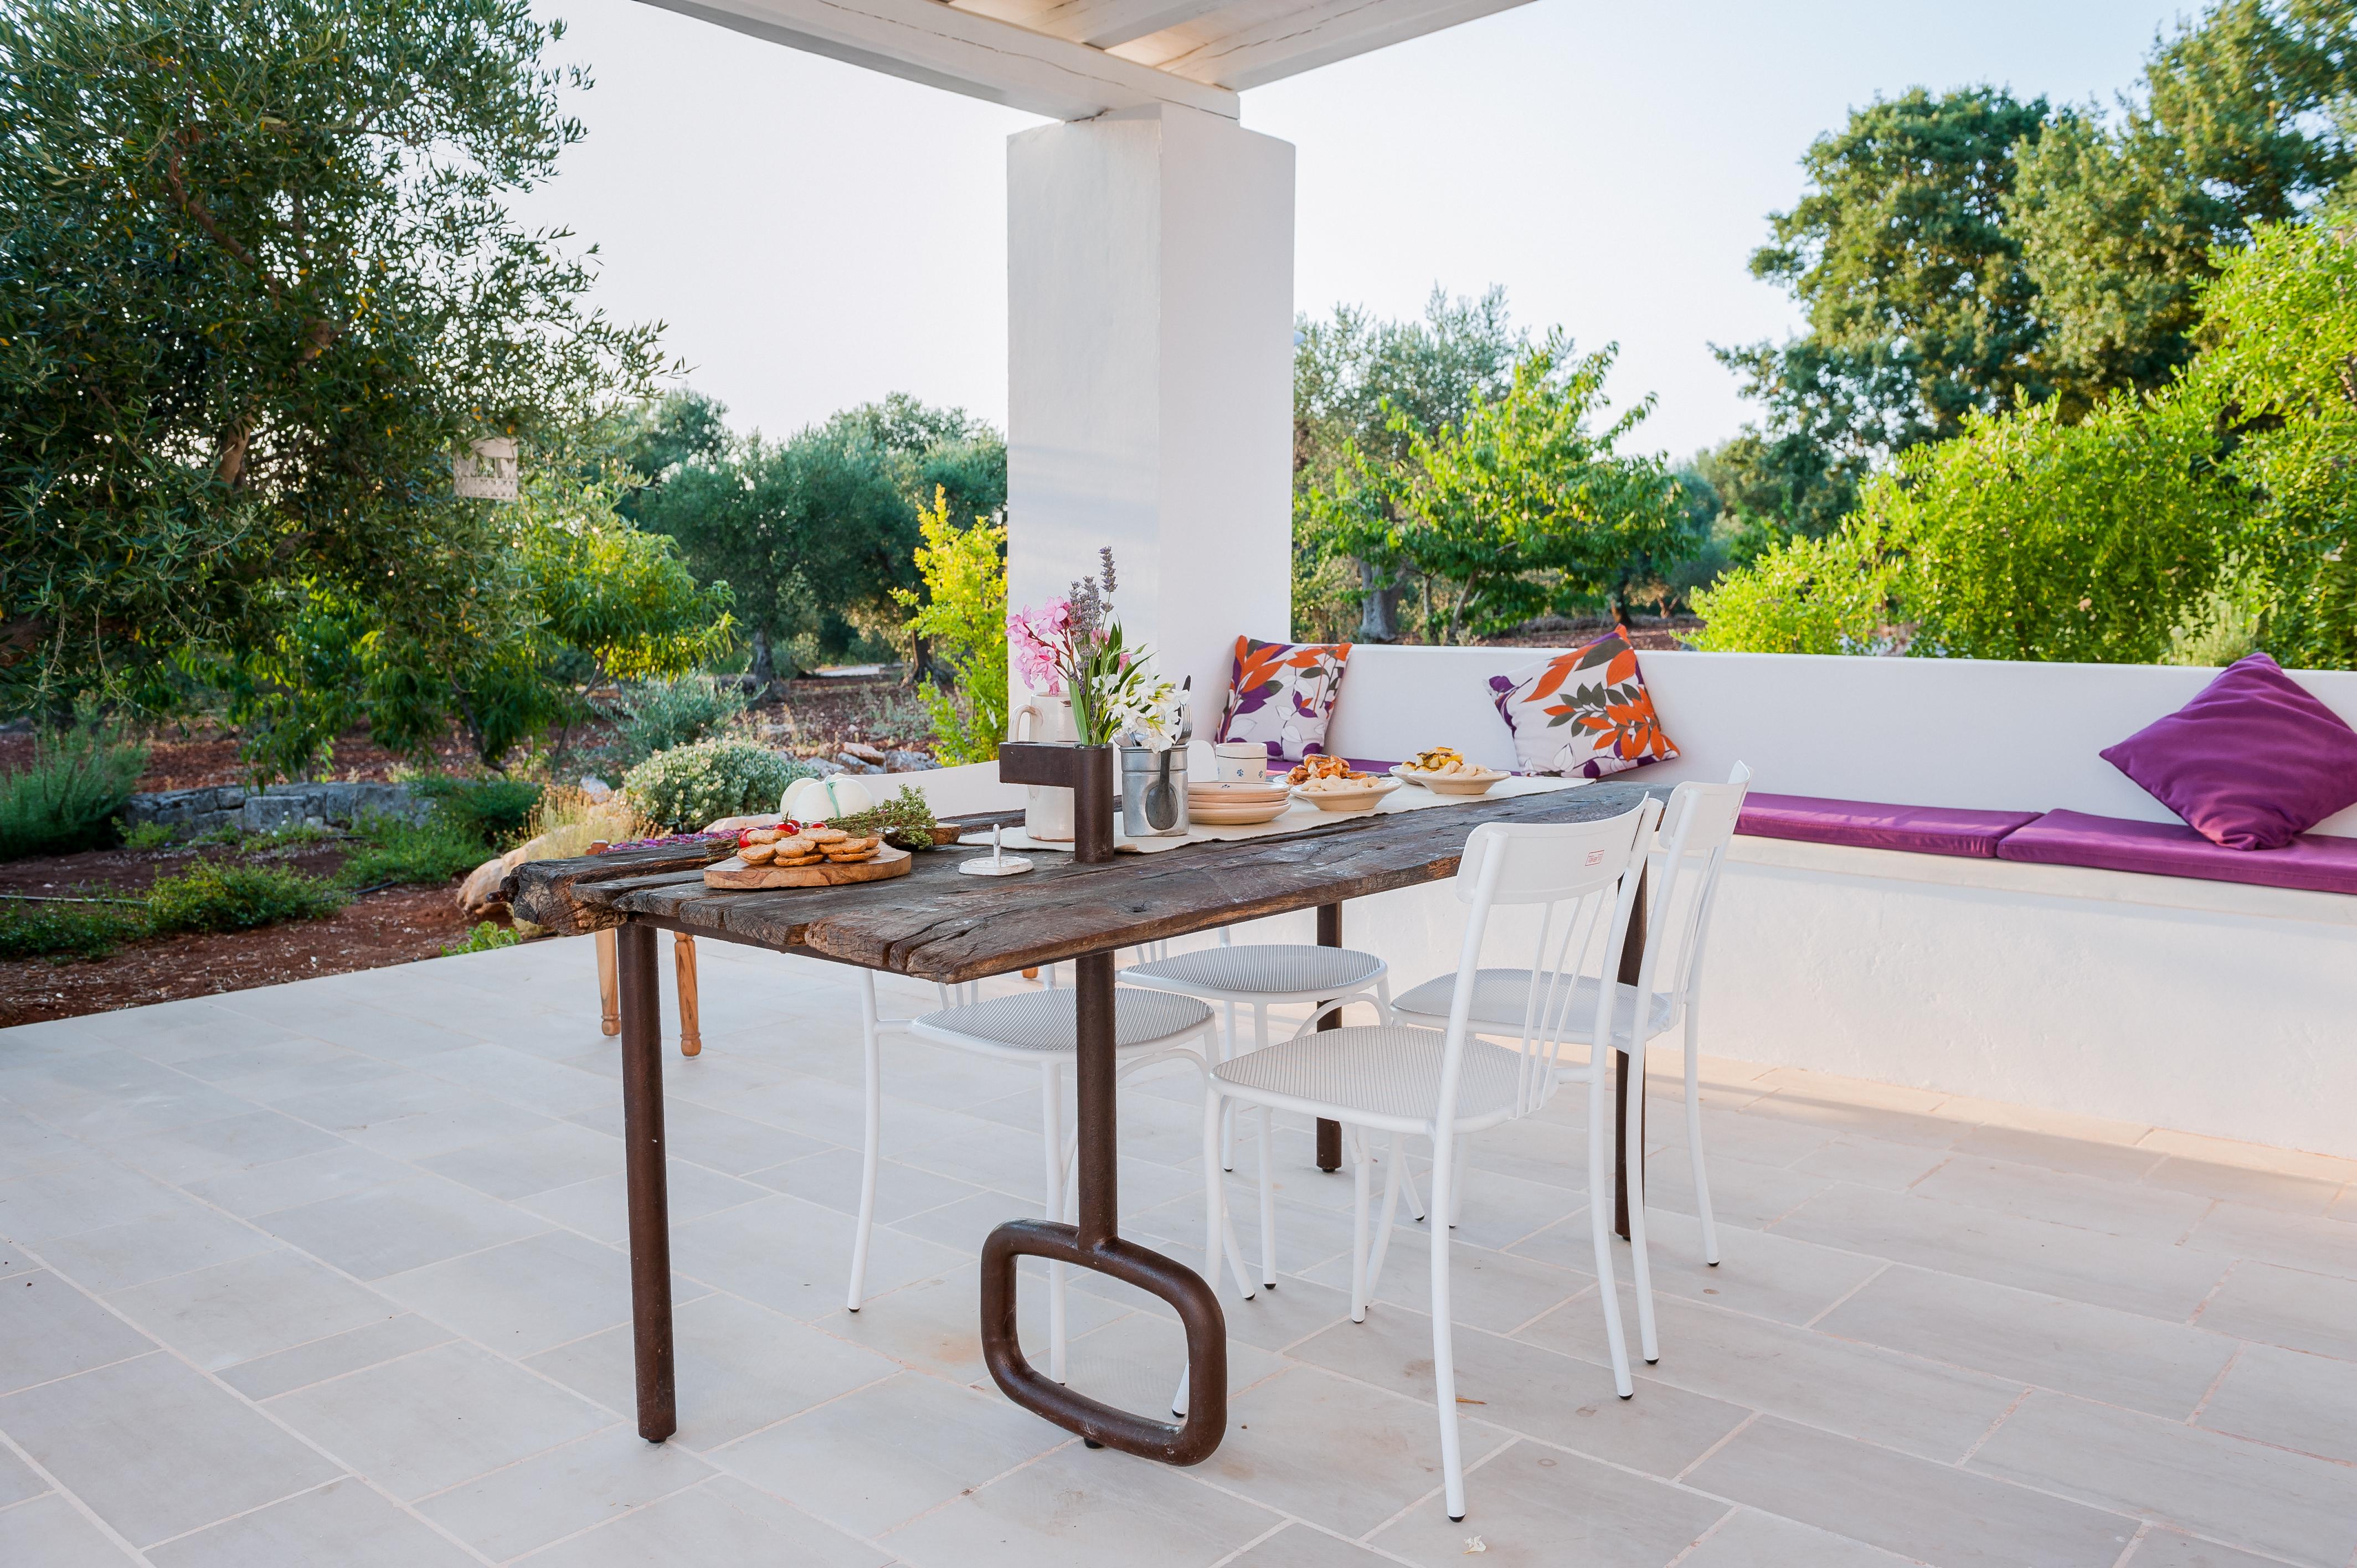 La porta-tavolo di Tre Casiedde per il tuo aperitivo o la colazione